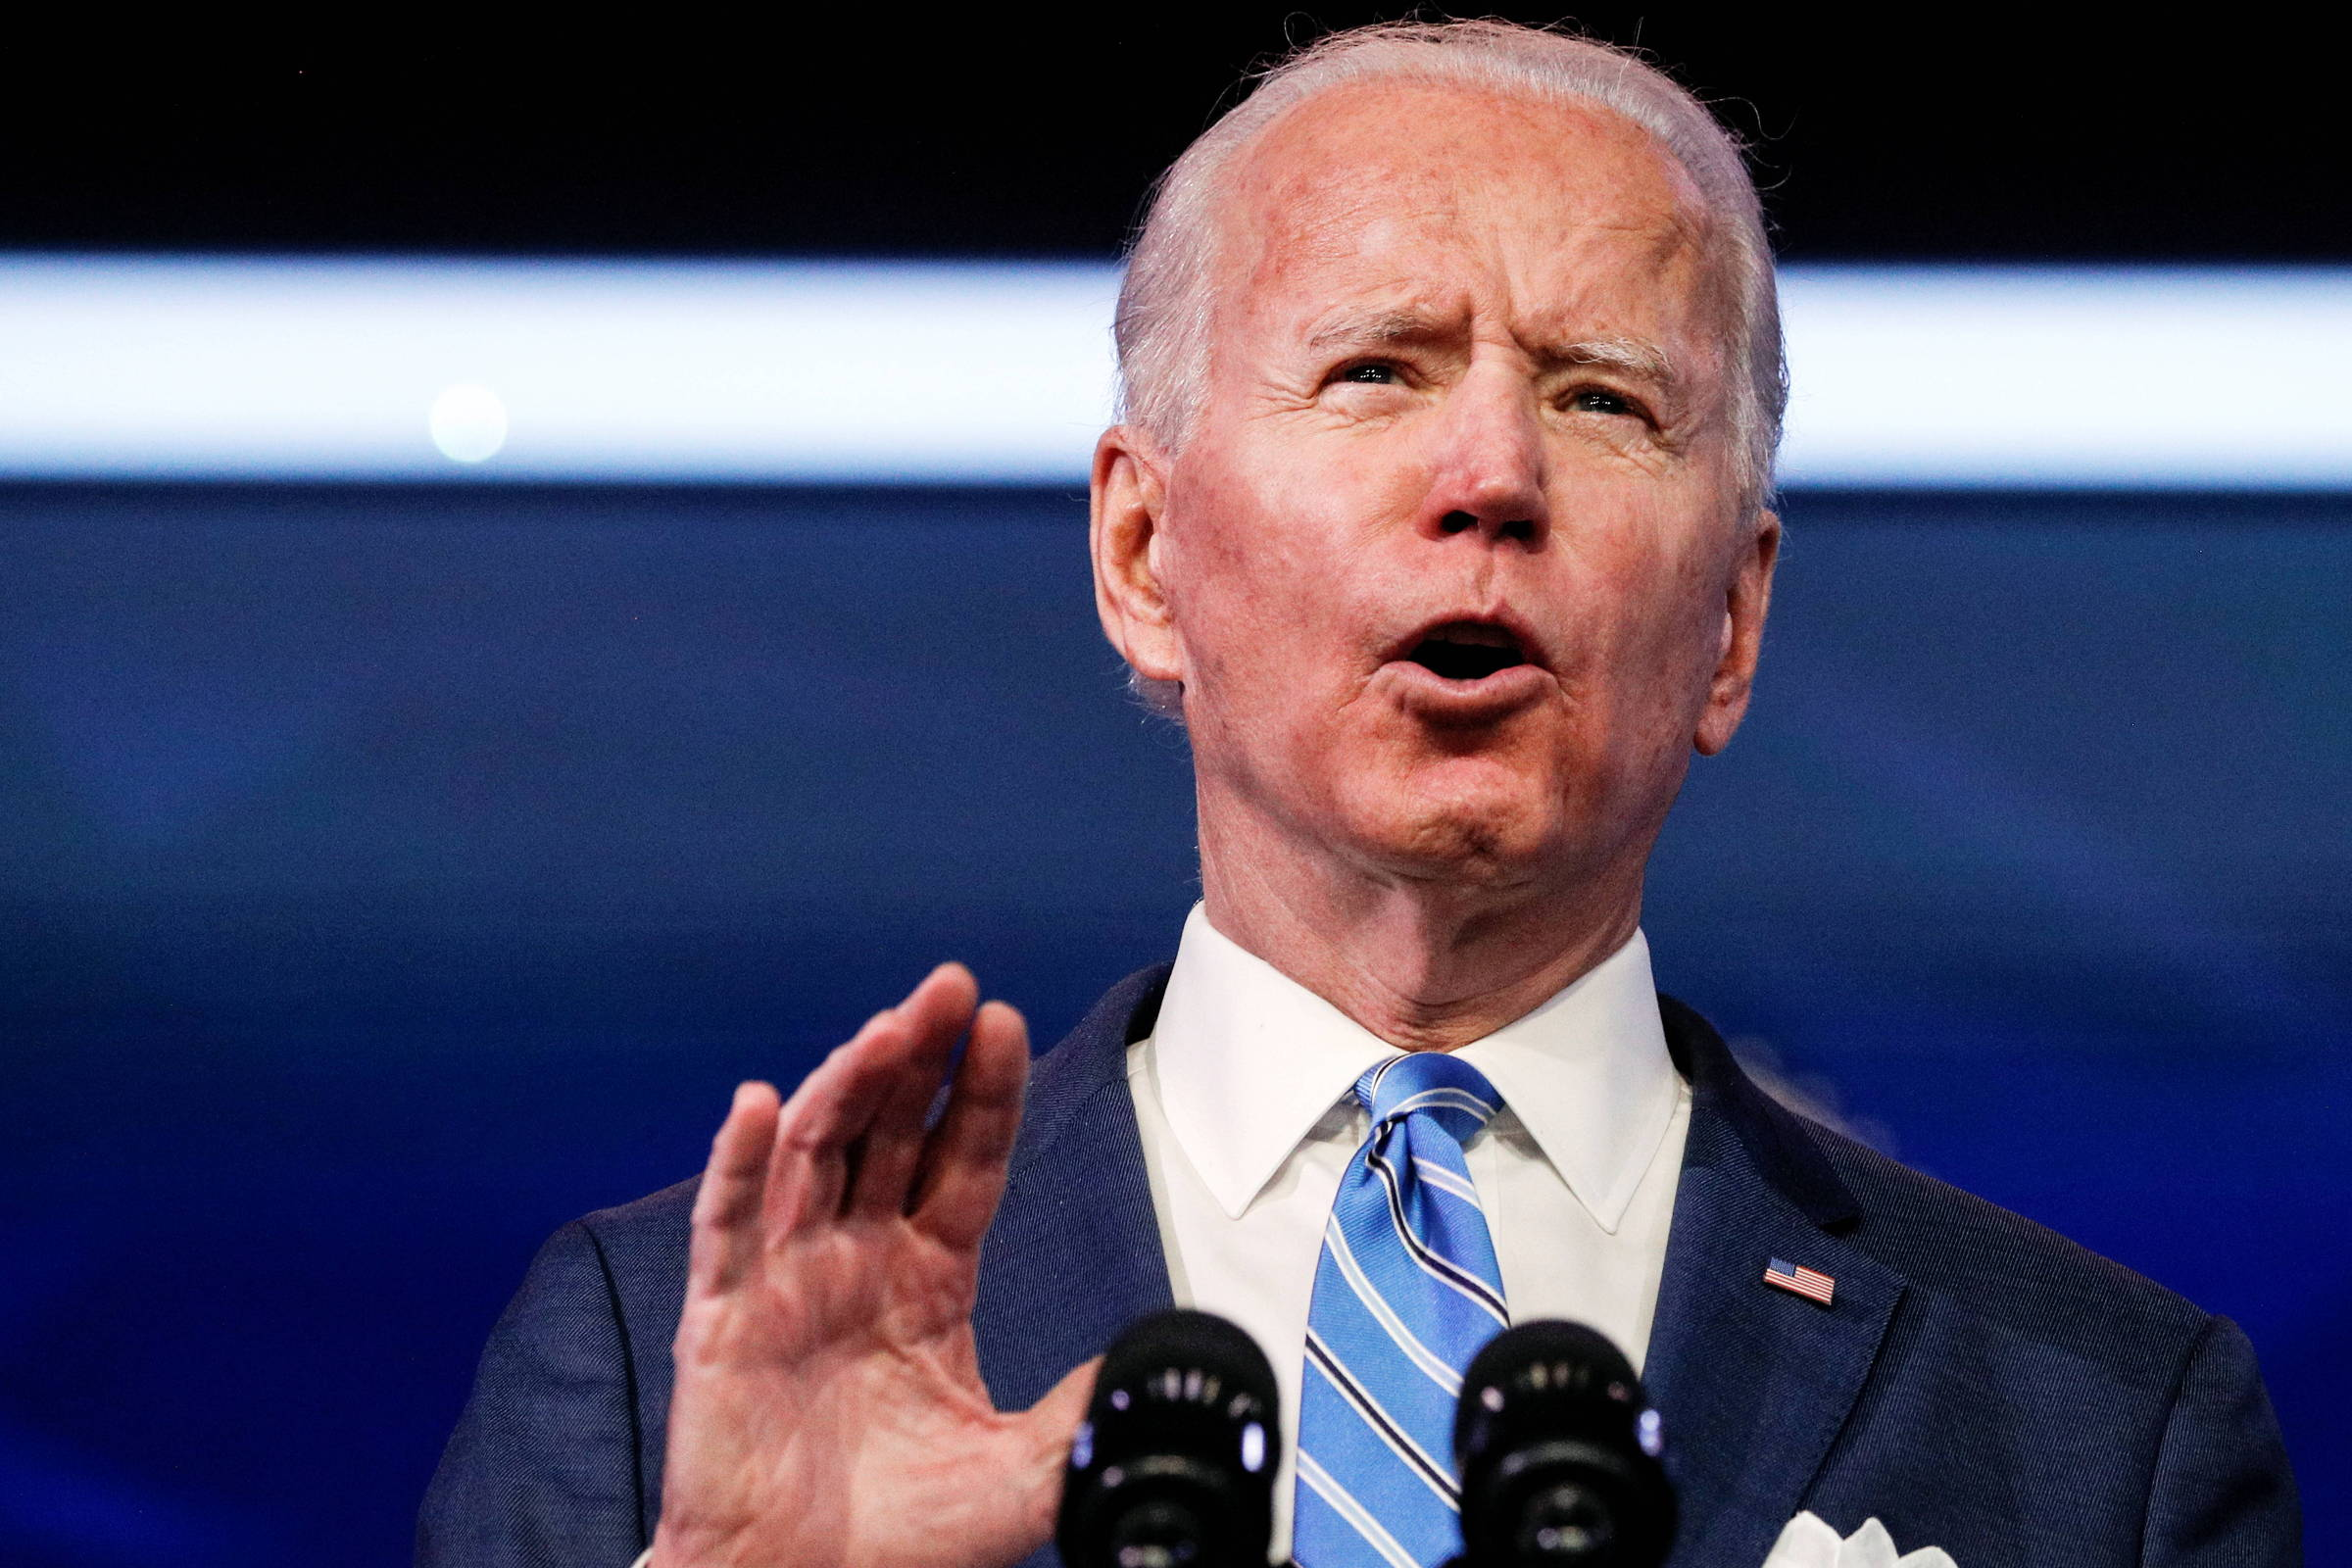 Jovem Joe Biden encontrou confiança e aceitação no futebol americano